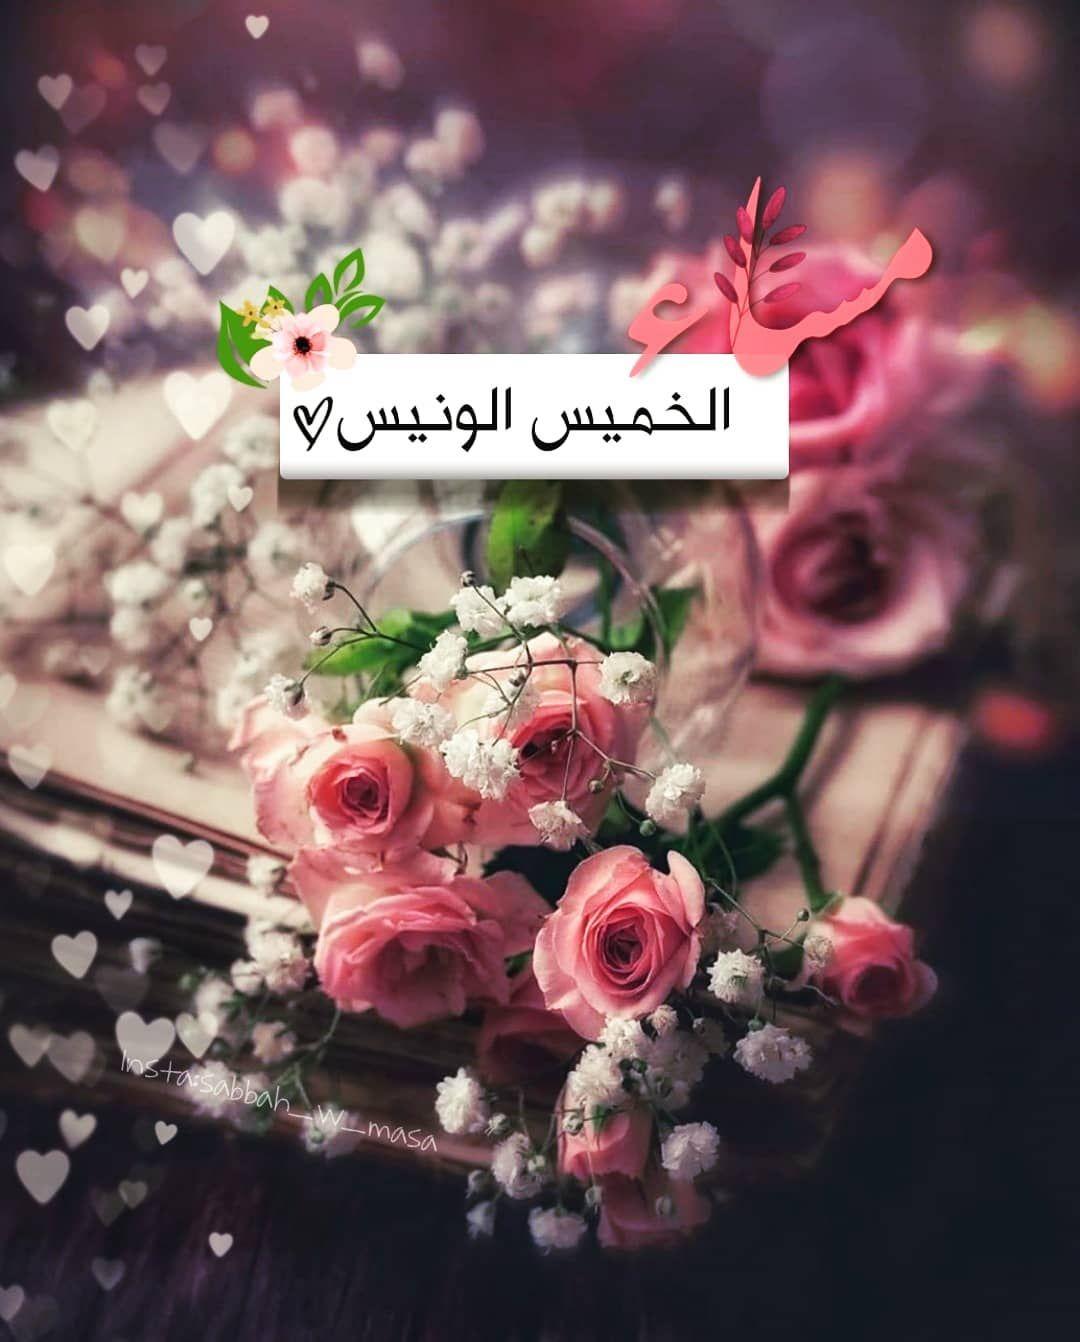 صبح و مساء On Instagram اسعد الله مساكم مساء الورد تصميم تصاميم السعودية صبح ومساء رمضان مسيتوا بالخي Light Box Light Box